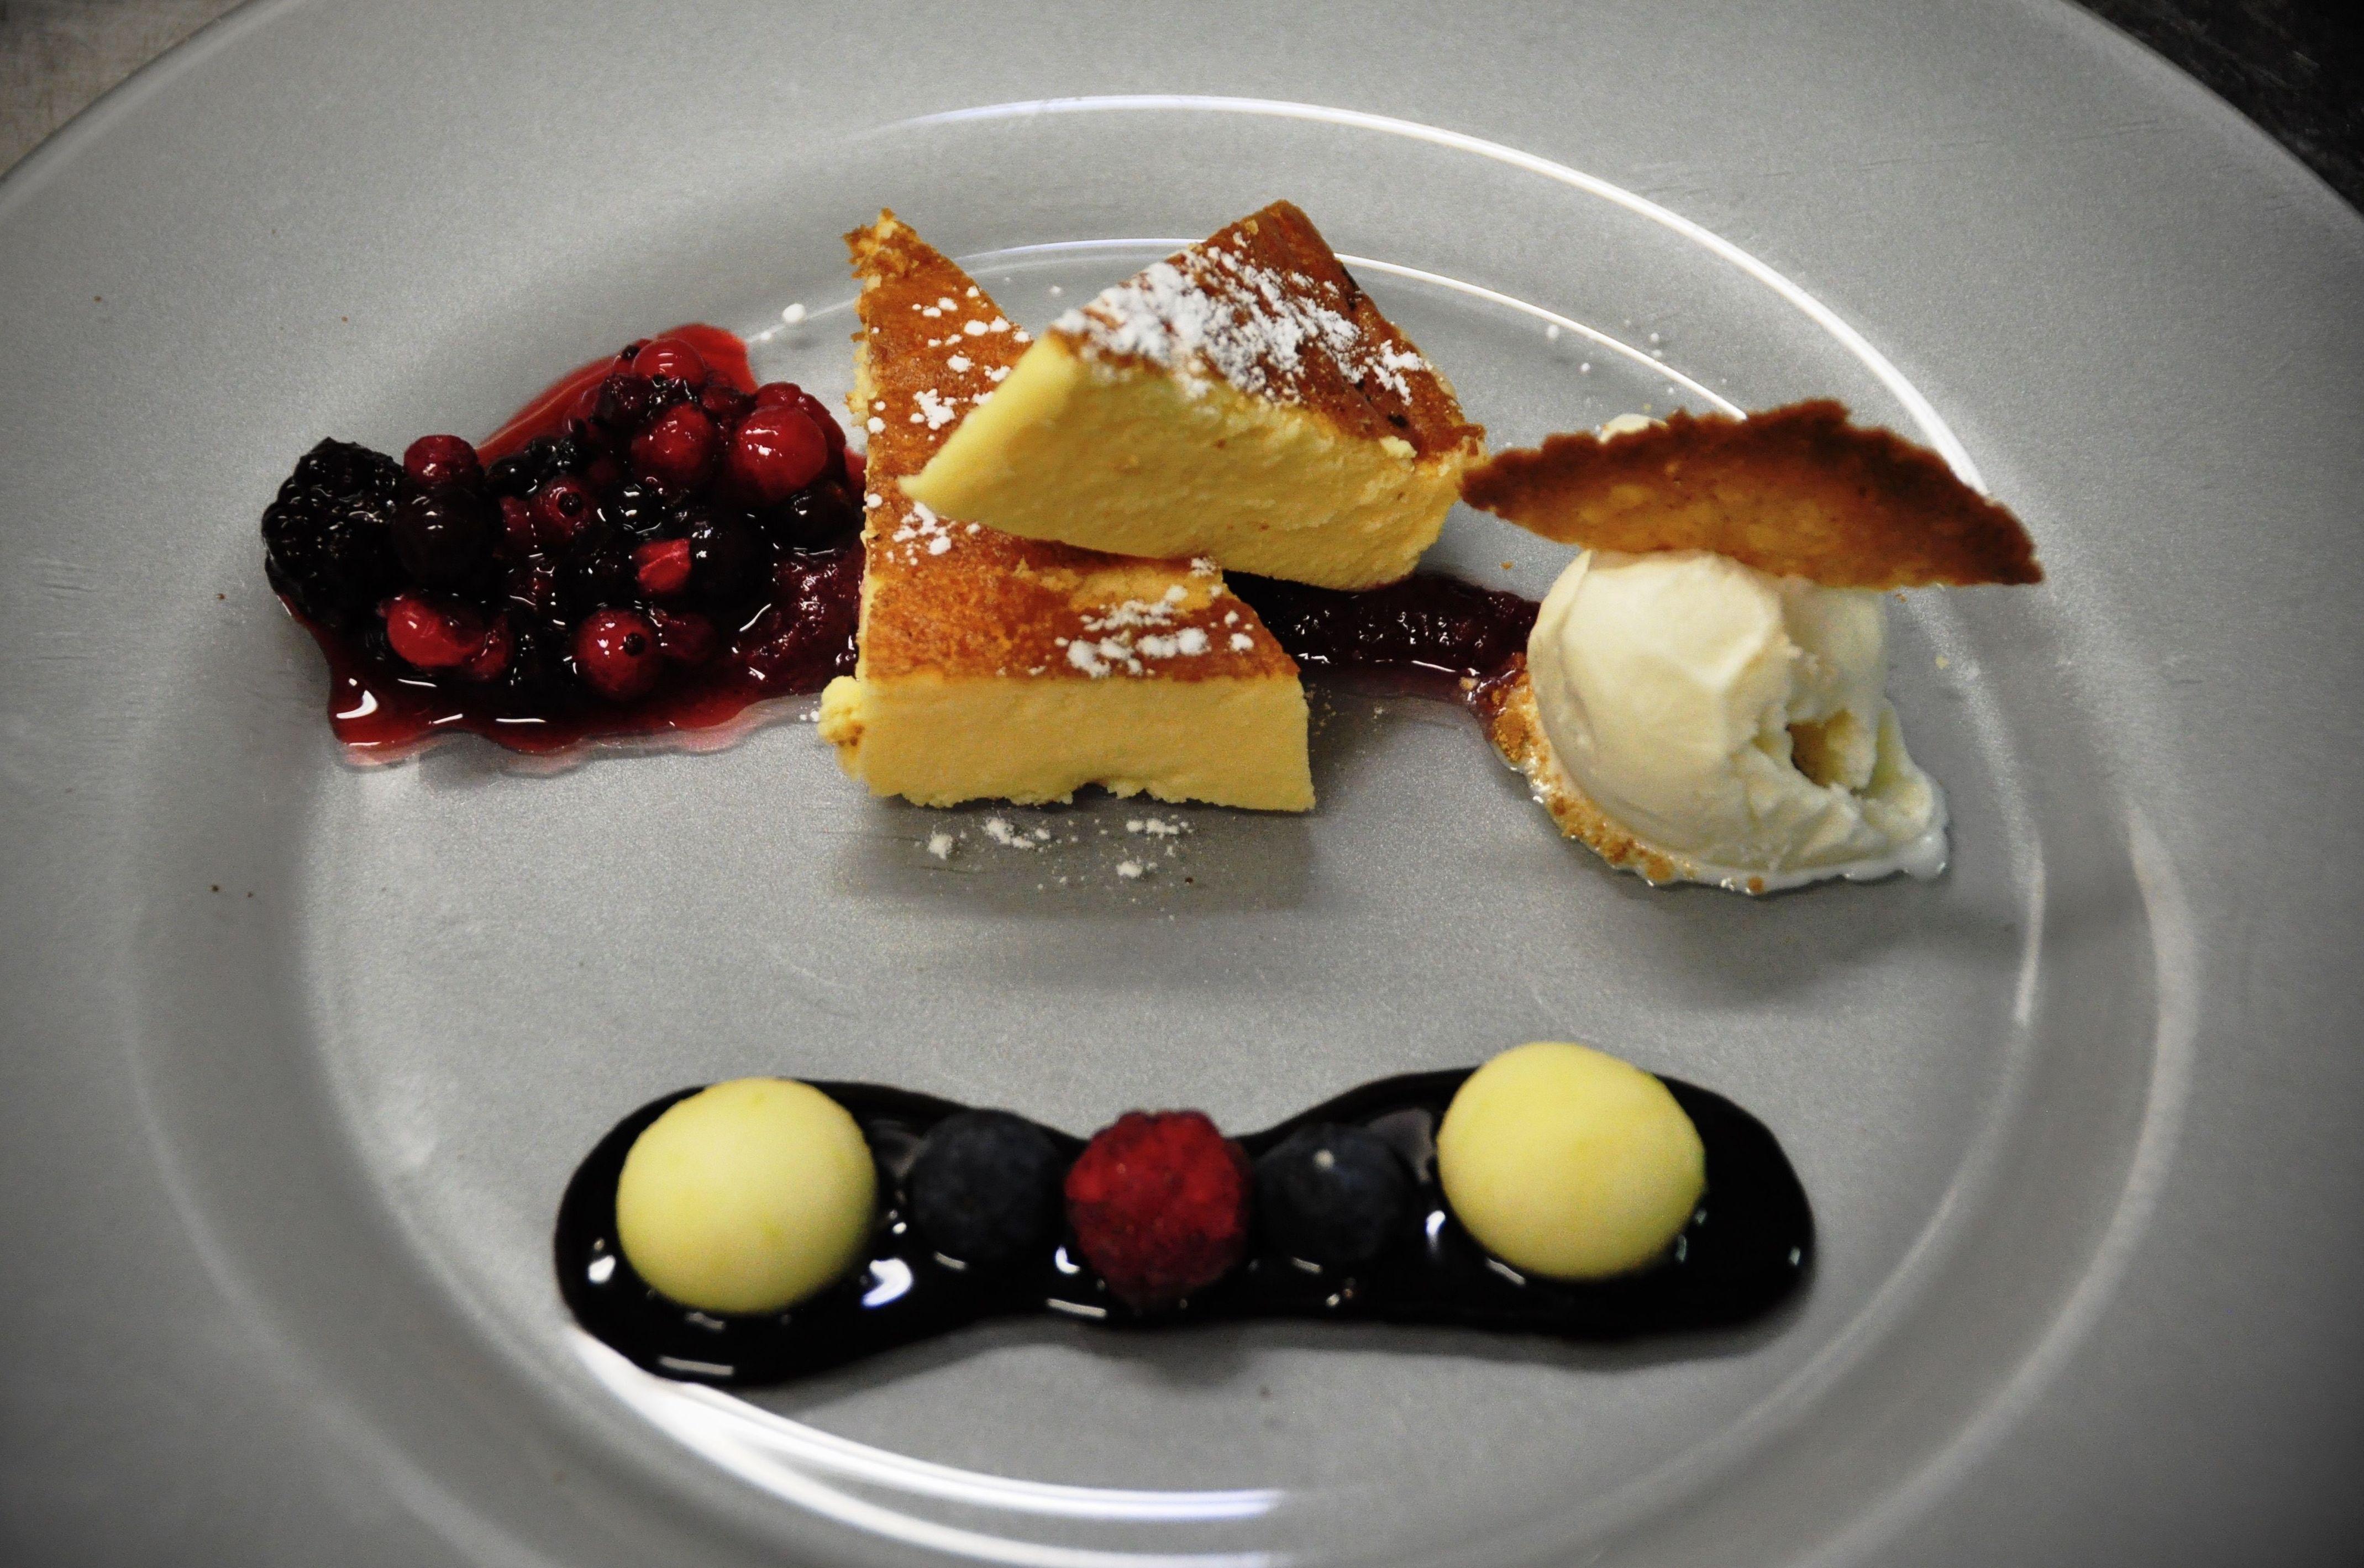 Tarta de queso horneada, con frutos rojos y helado de miel.